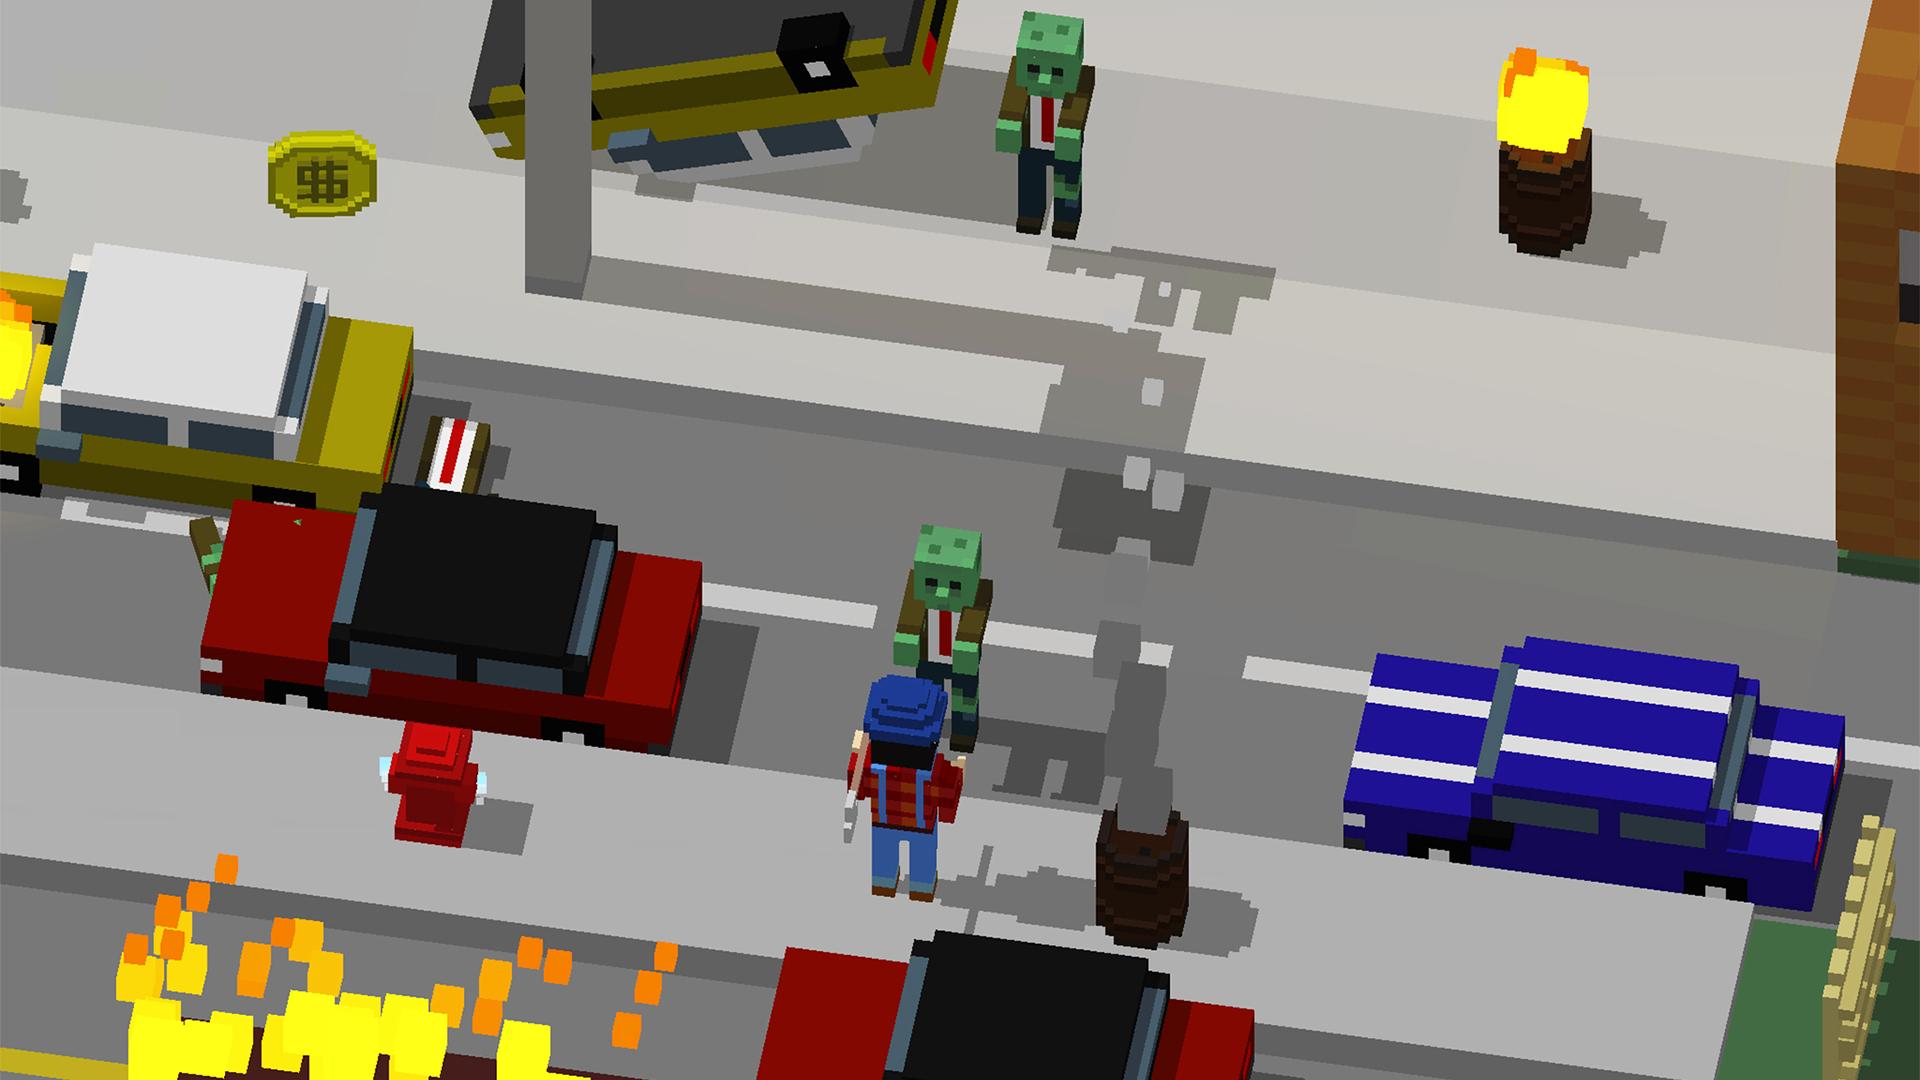 Dead crossing скачать на компьютер